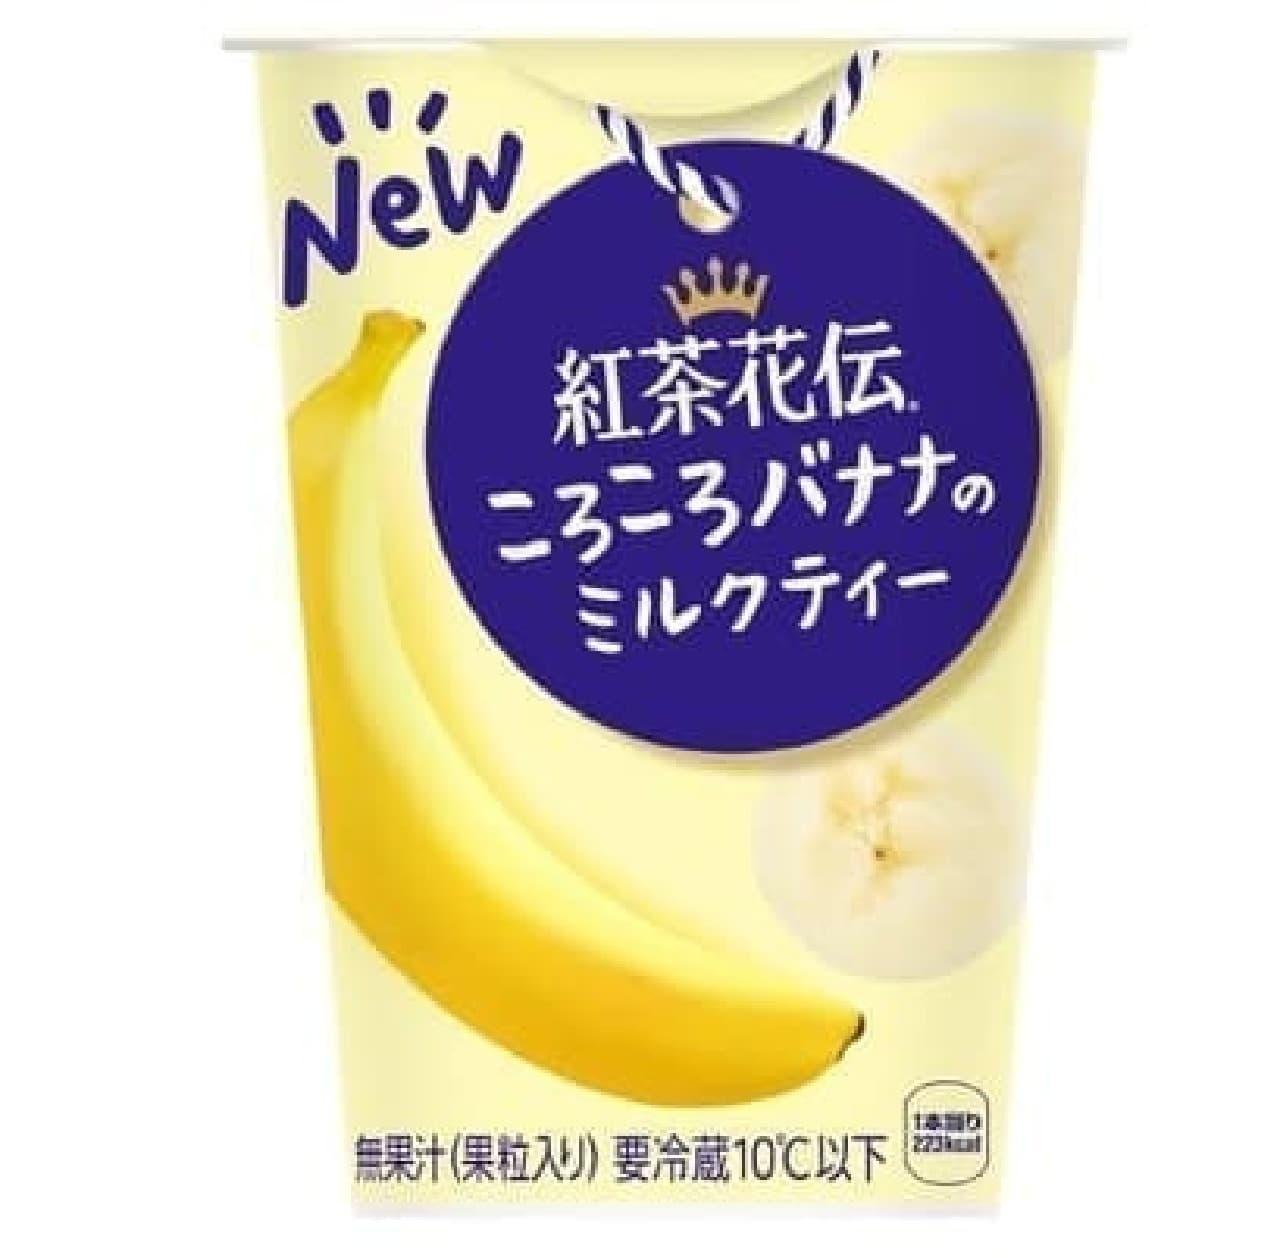 紅茶花伝 ころころバナナのミルクティー